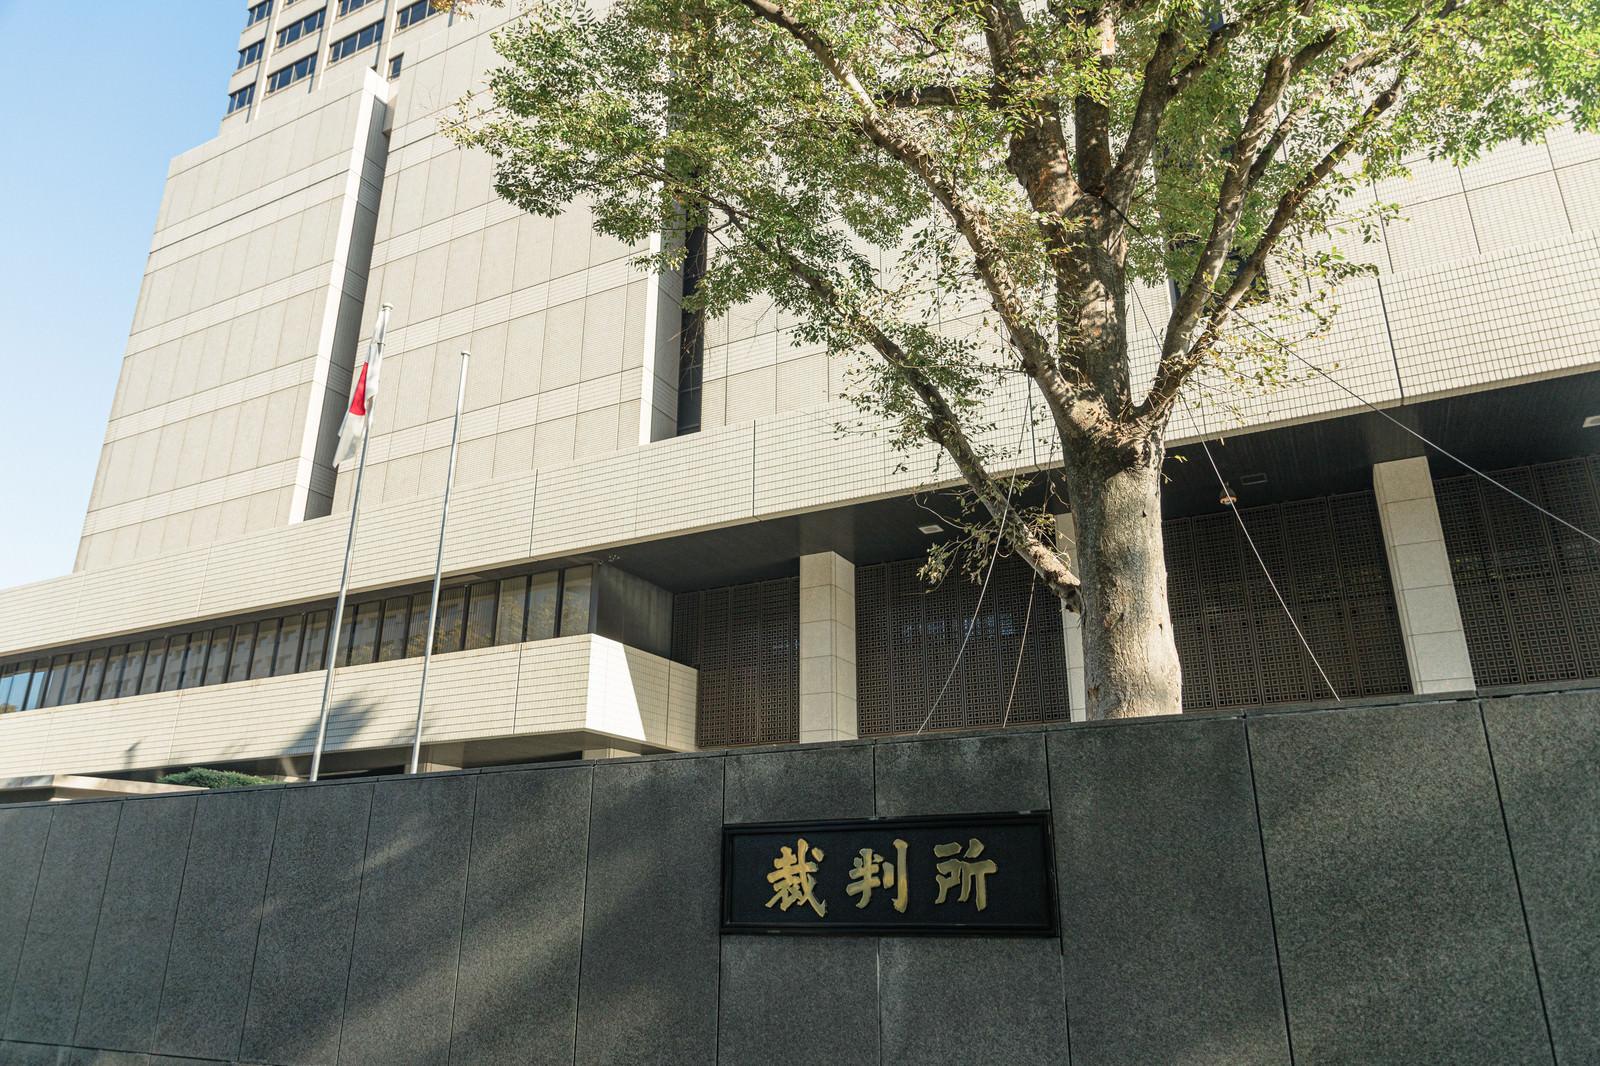 「裁判所の銘板と塀」の写真